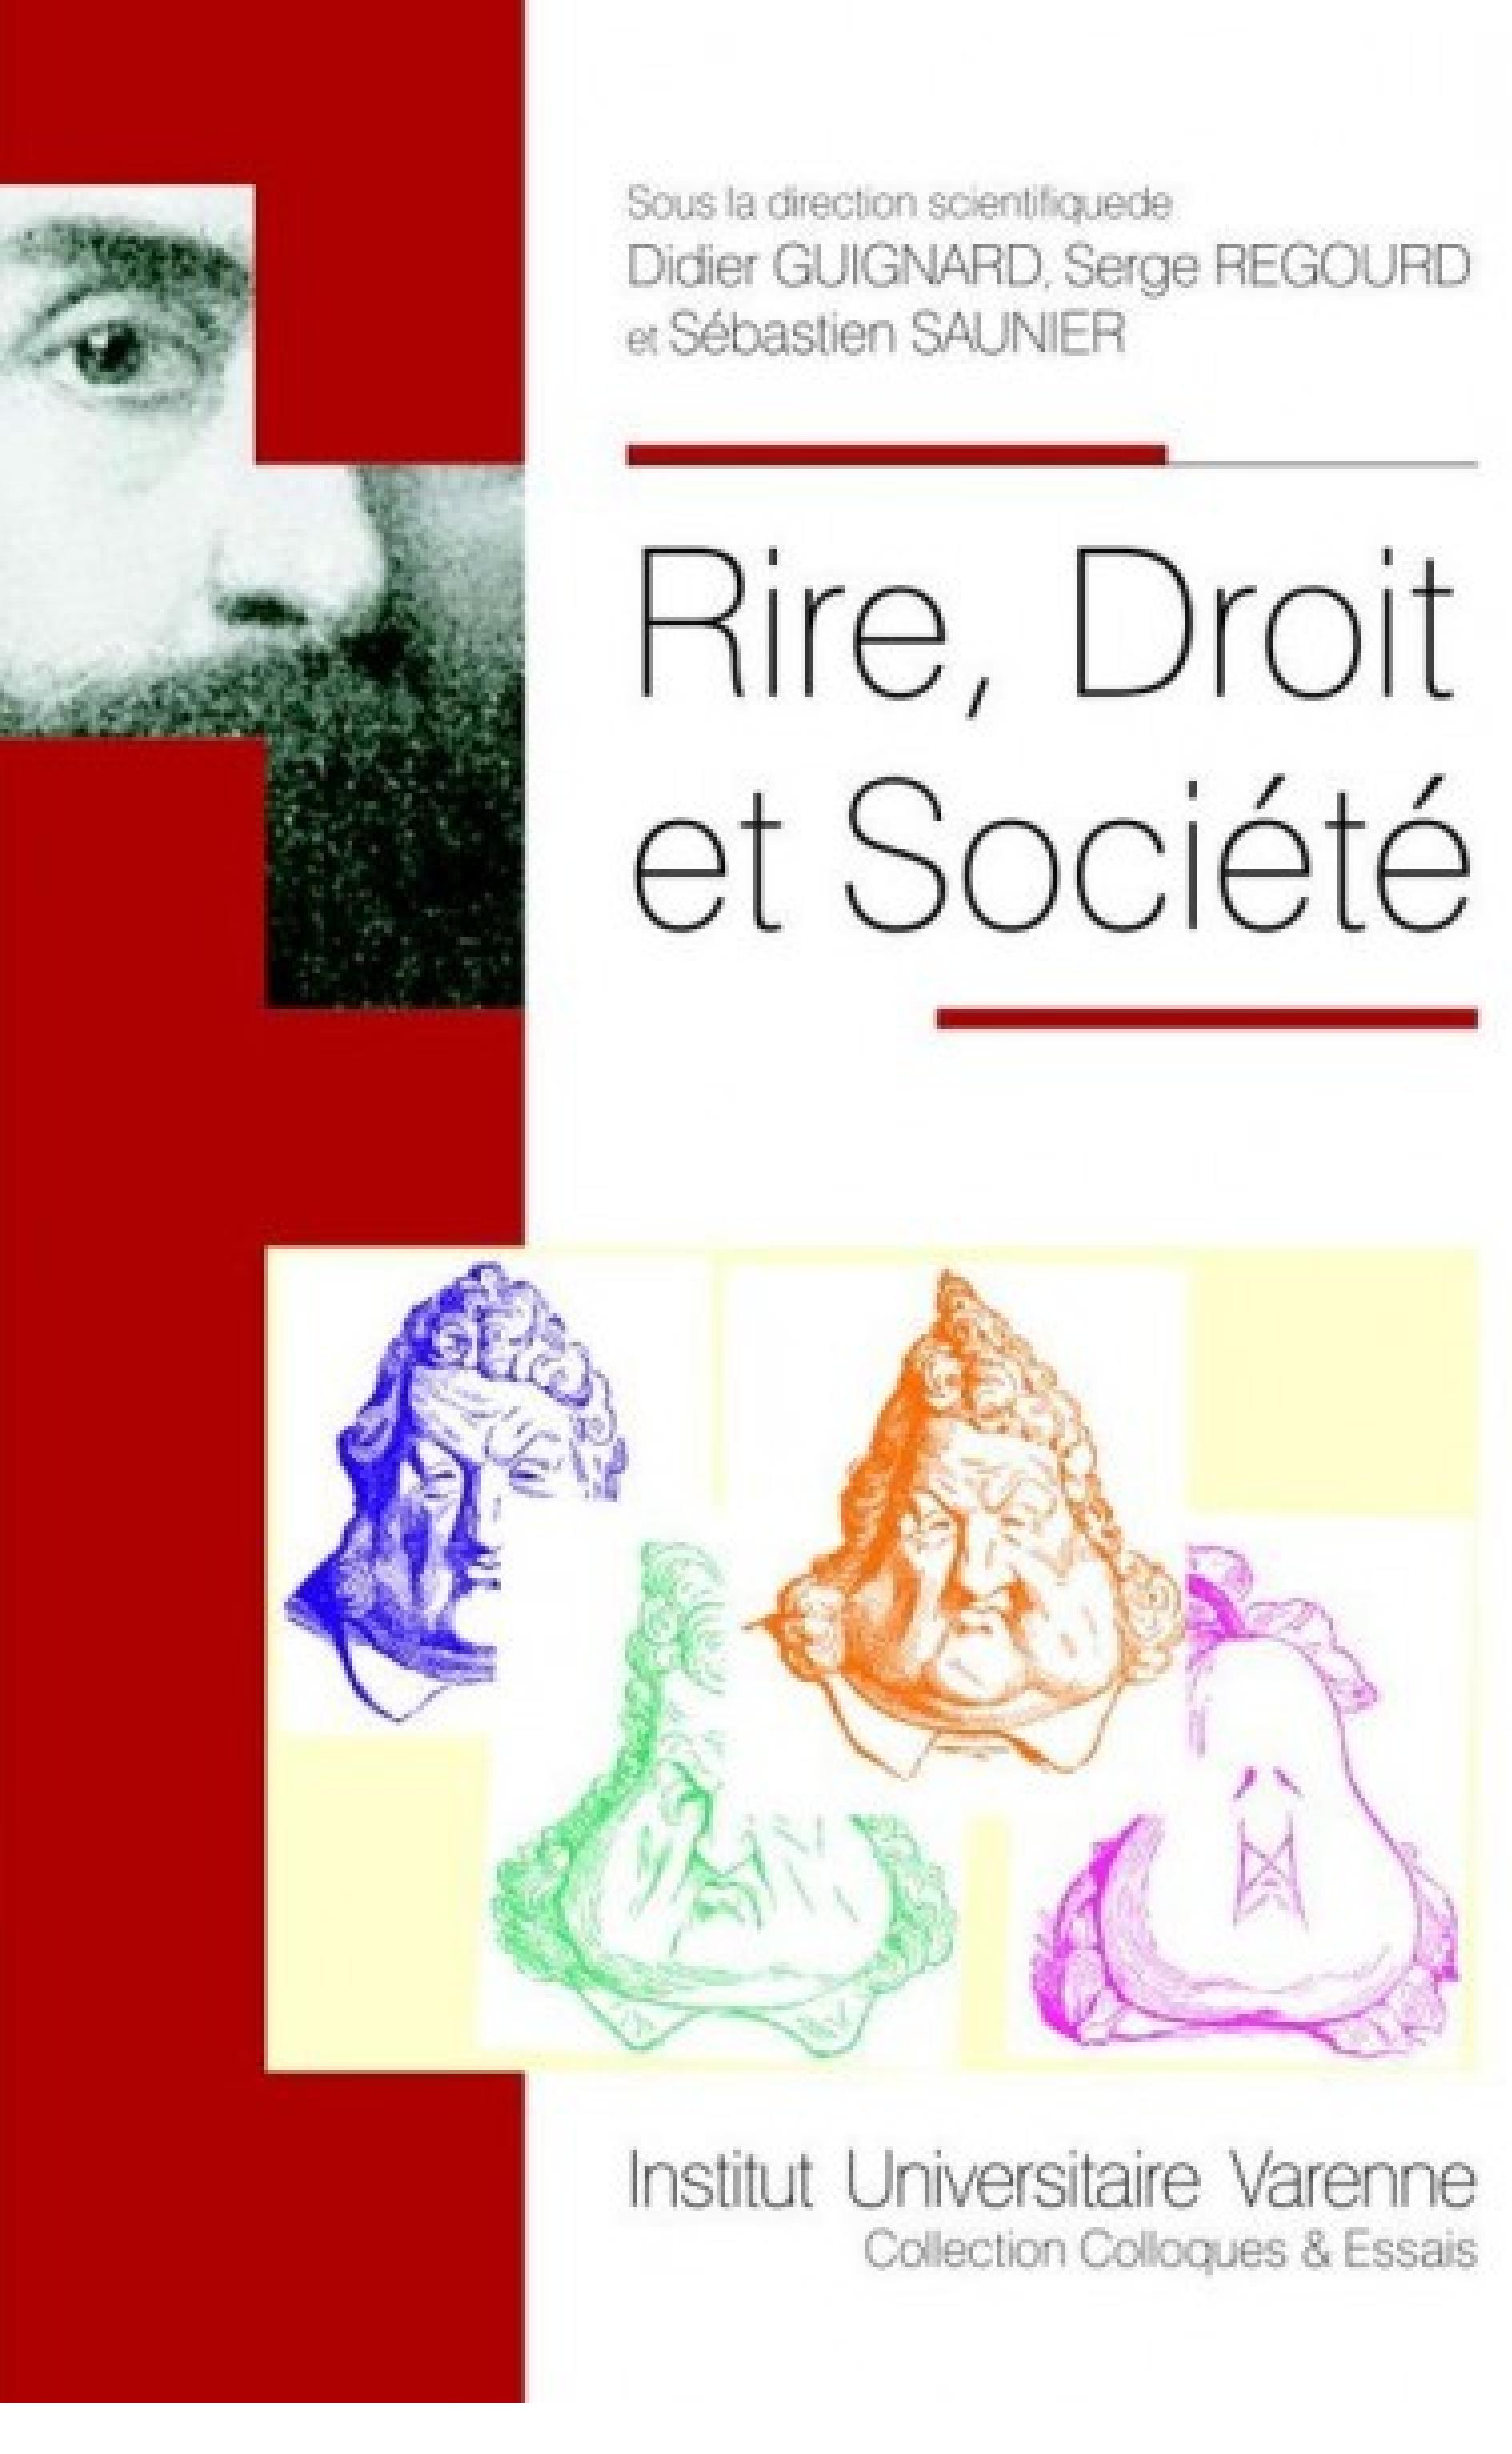 Rire, Droit et Société